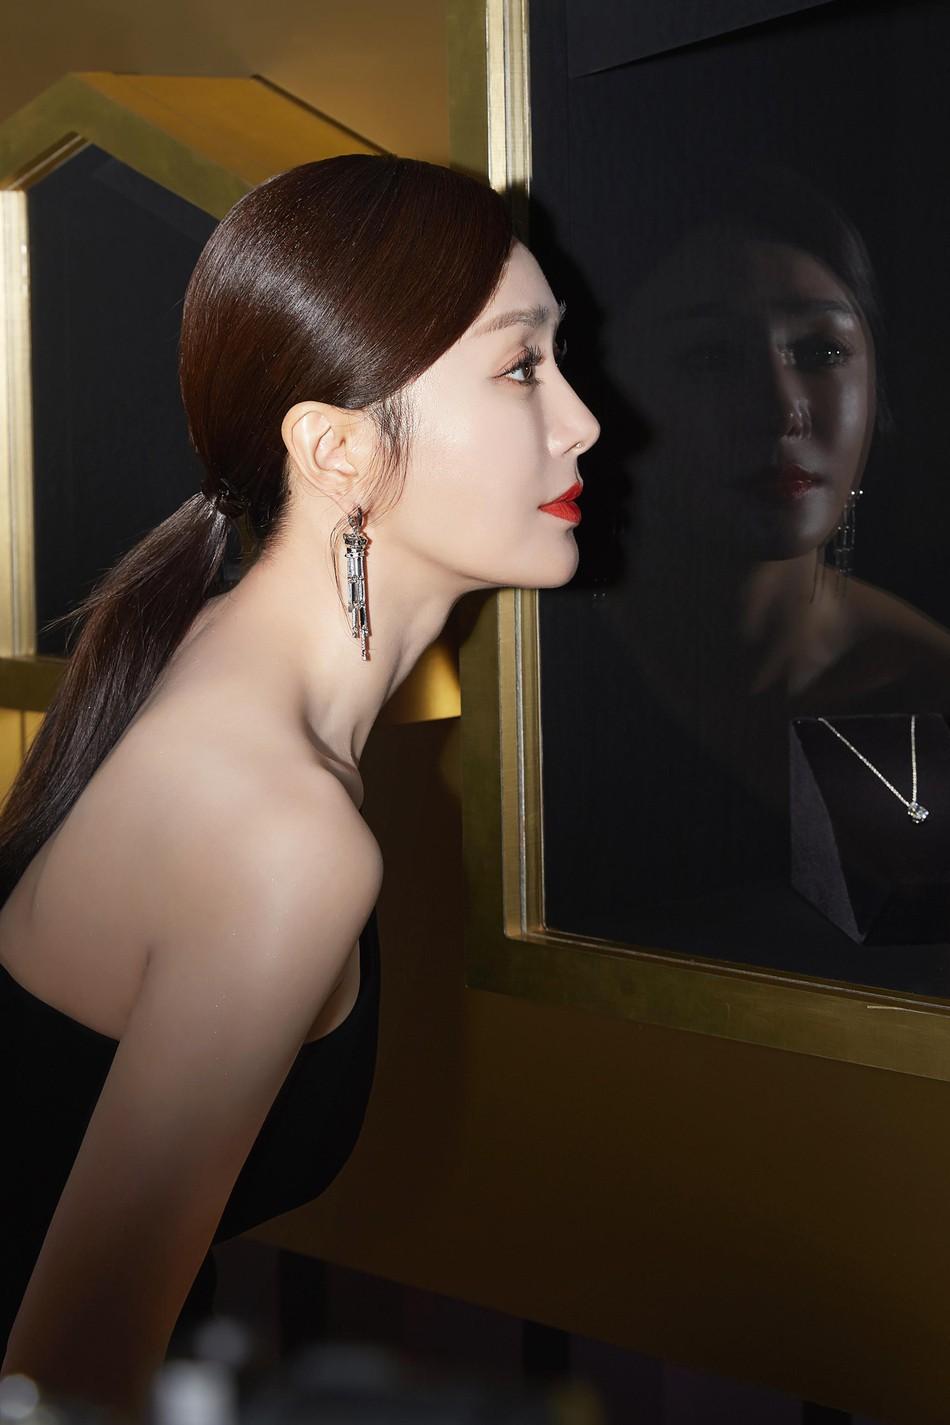 Hoàng Hậu Tần Lam khoe sắc vóc ngọc ngà, vòng 1 e ấp tại thảm đỏ sự kiện Hàn Quốc - Ảnh 9.